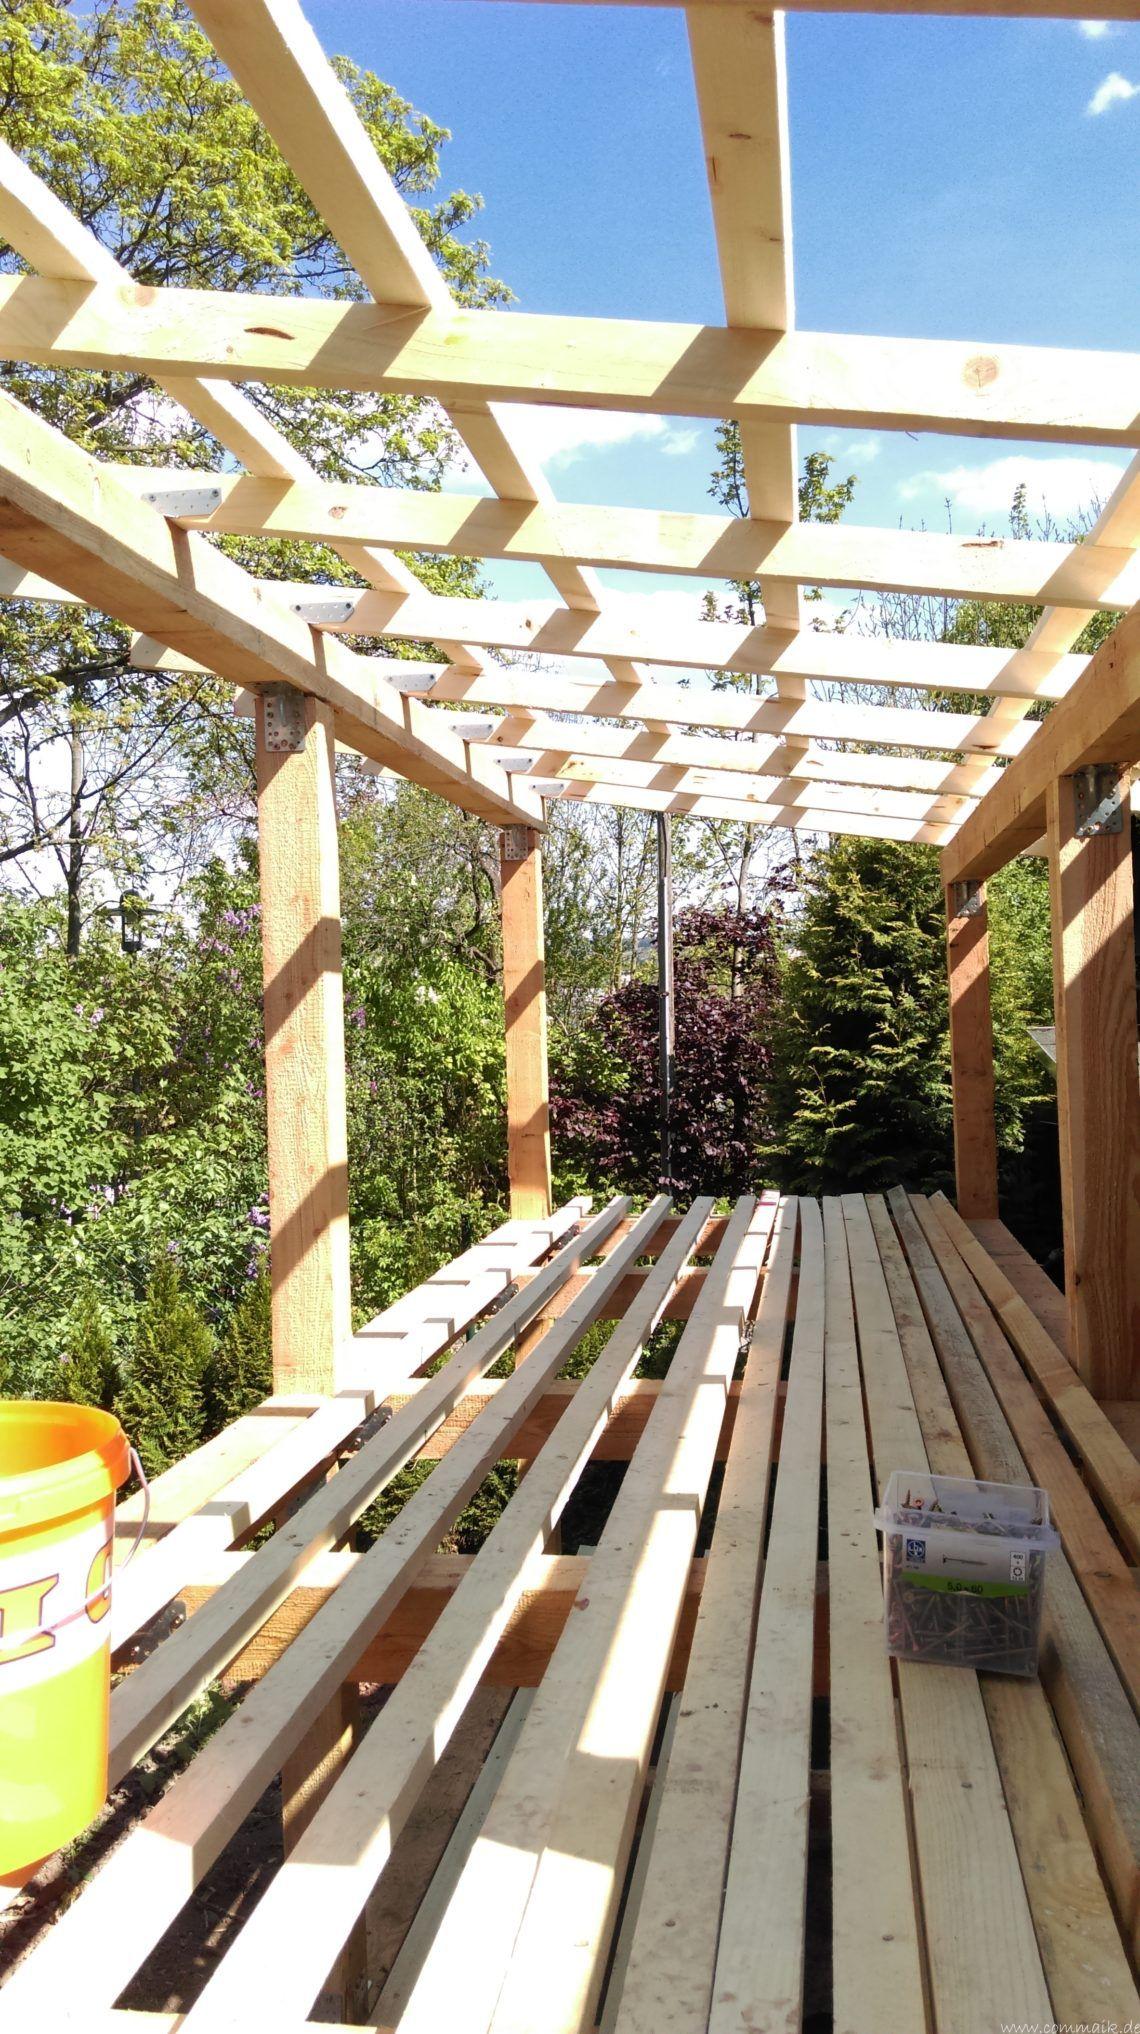 Das vierte Brennholzlagerregal mit Solarkollektoren für